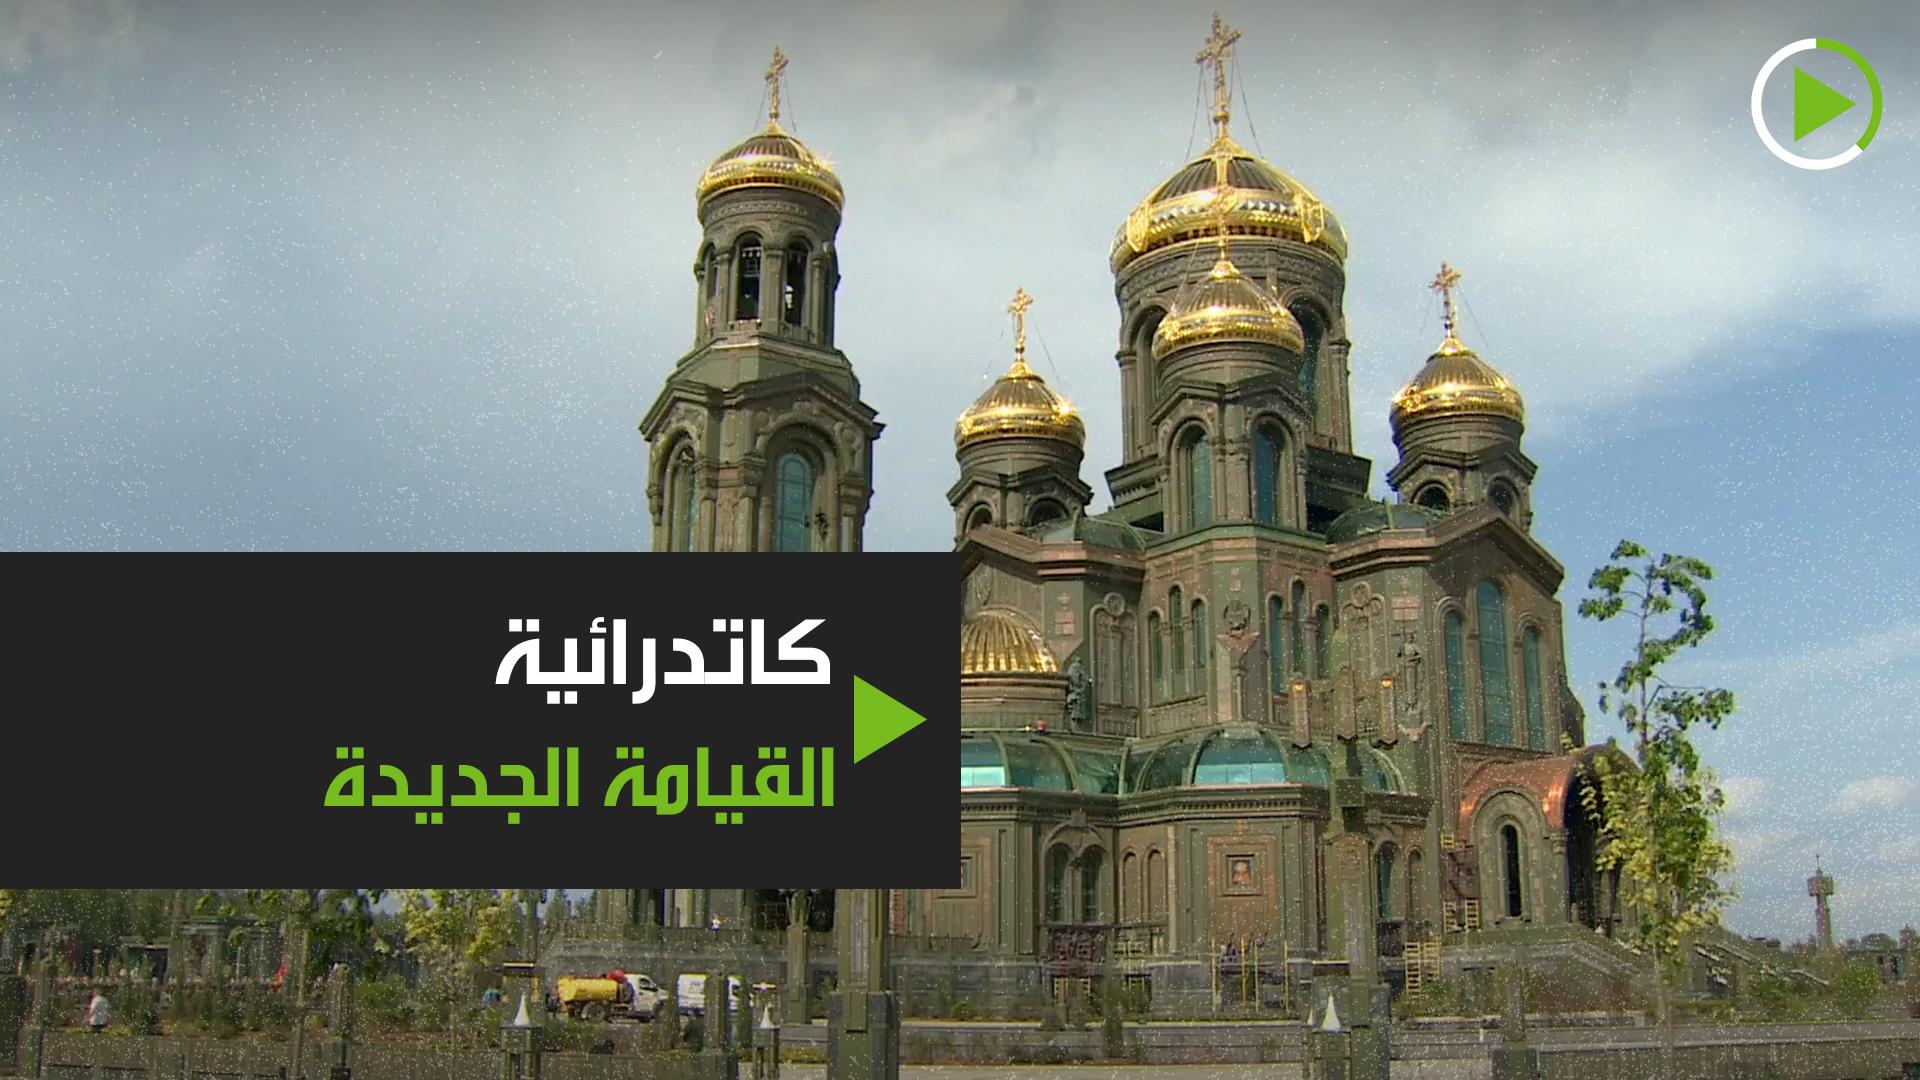 الاستعداد لافتتاح كاتدرائية القيامة الجديدة في موسكو